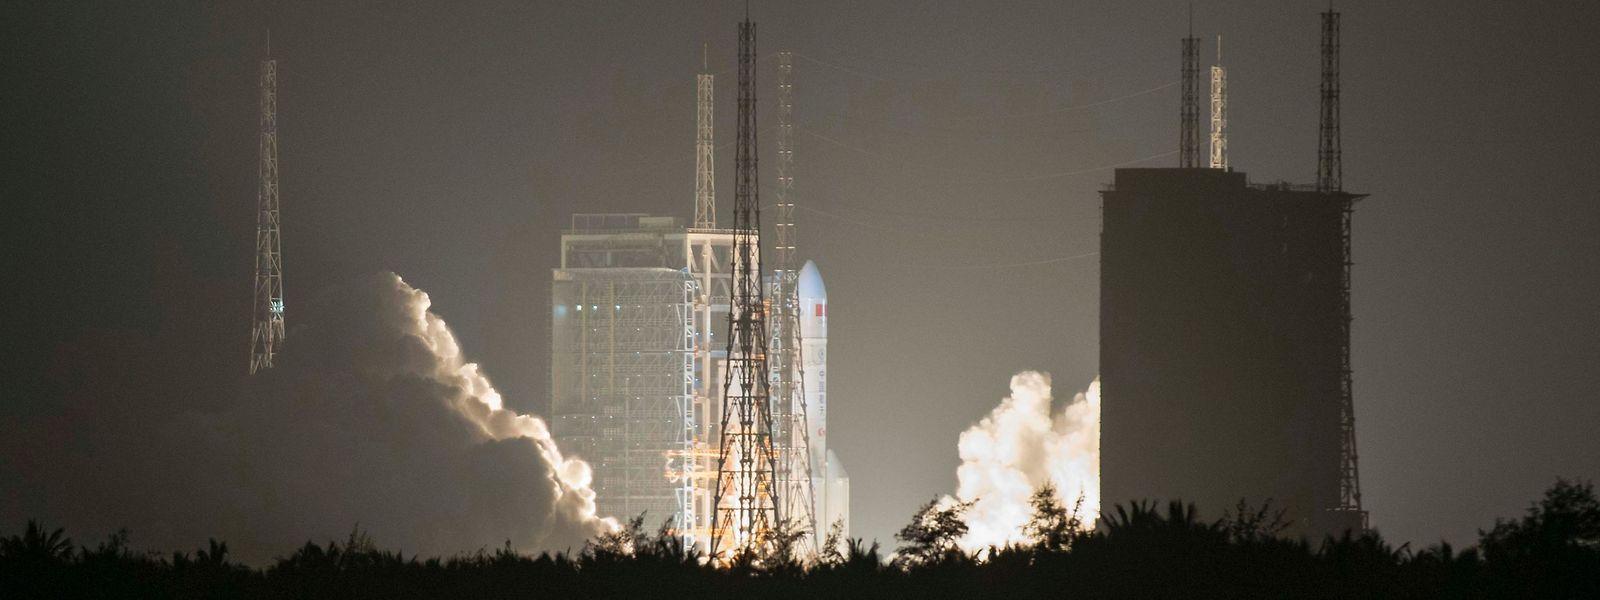 Im Dezember startete eine chinesische Rakete in Richtung Mond - dort landete im Januar eine Sonde auf der erdabgewandten Seite. Das nächste Ziel ist nun der Mars.